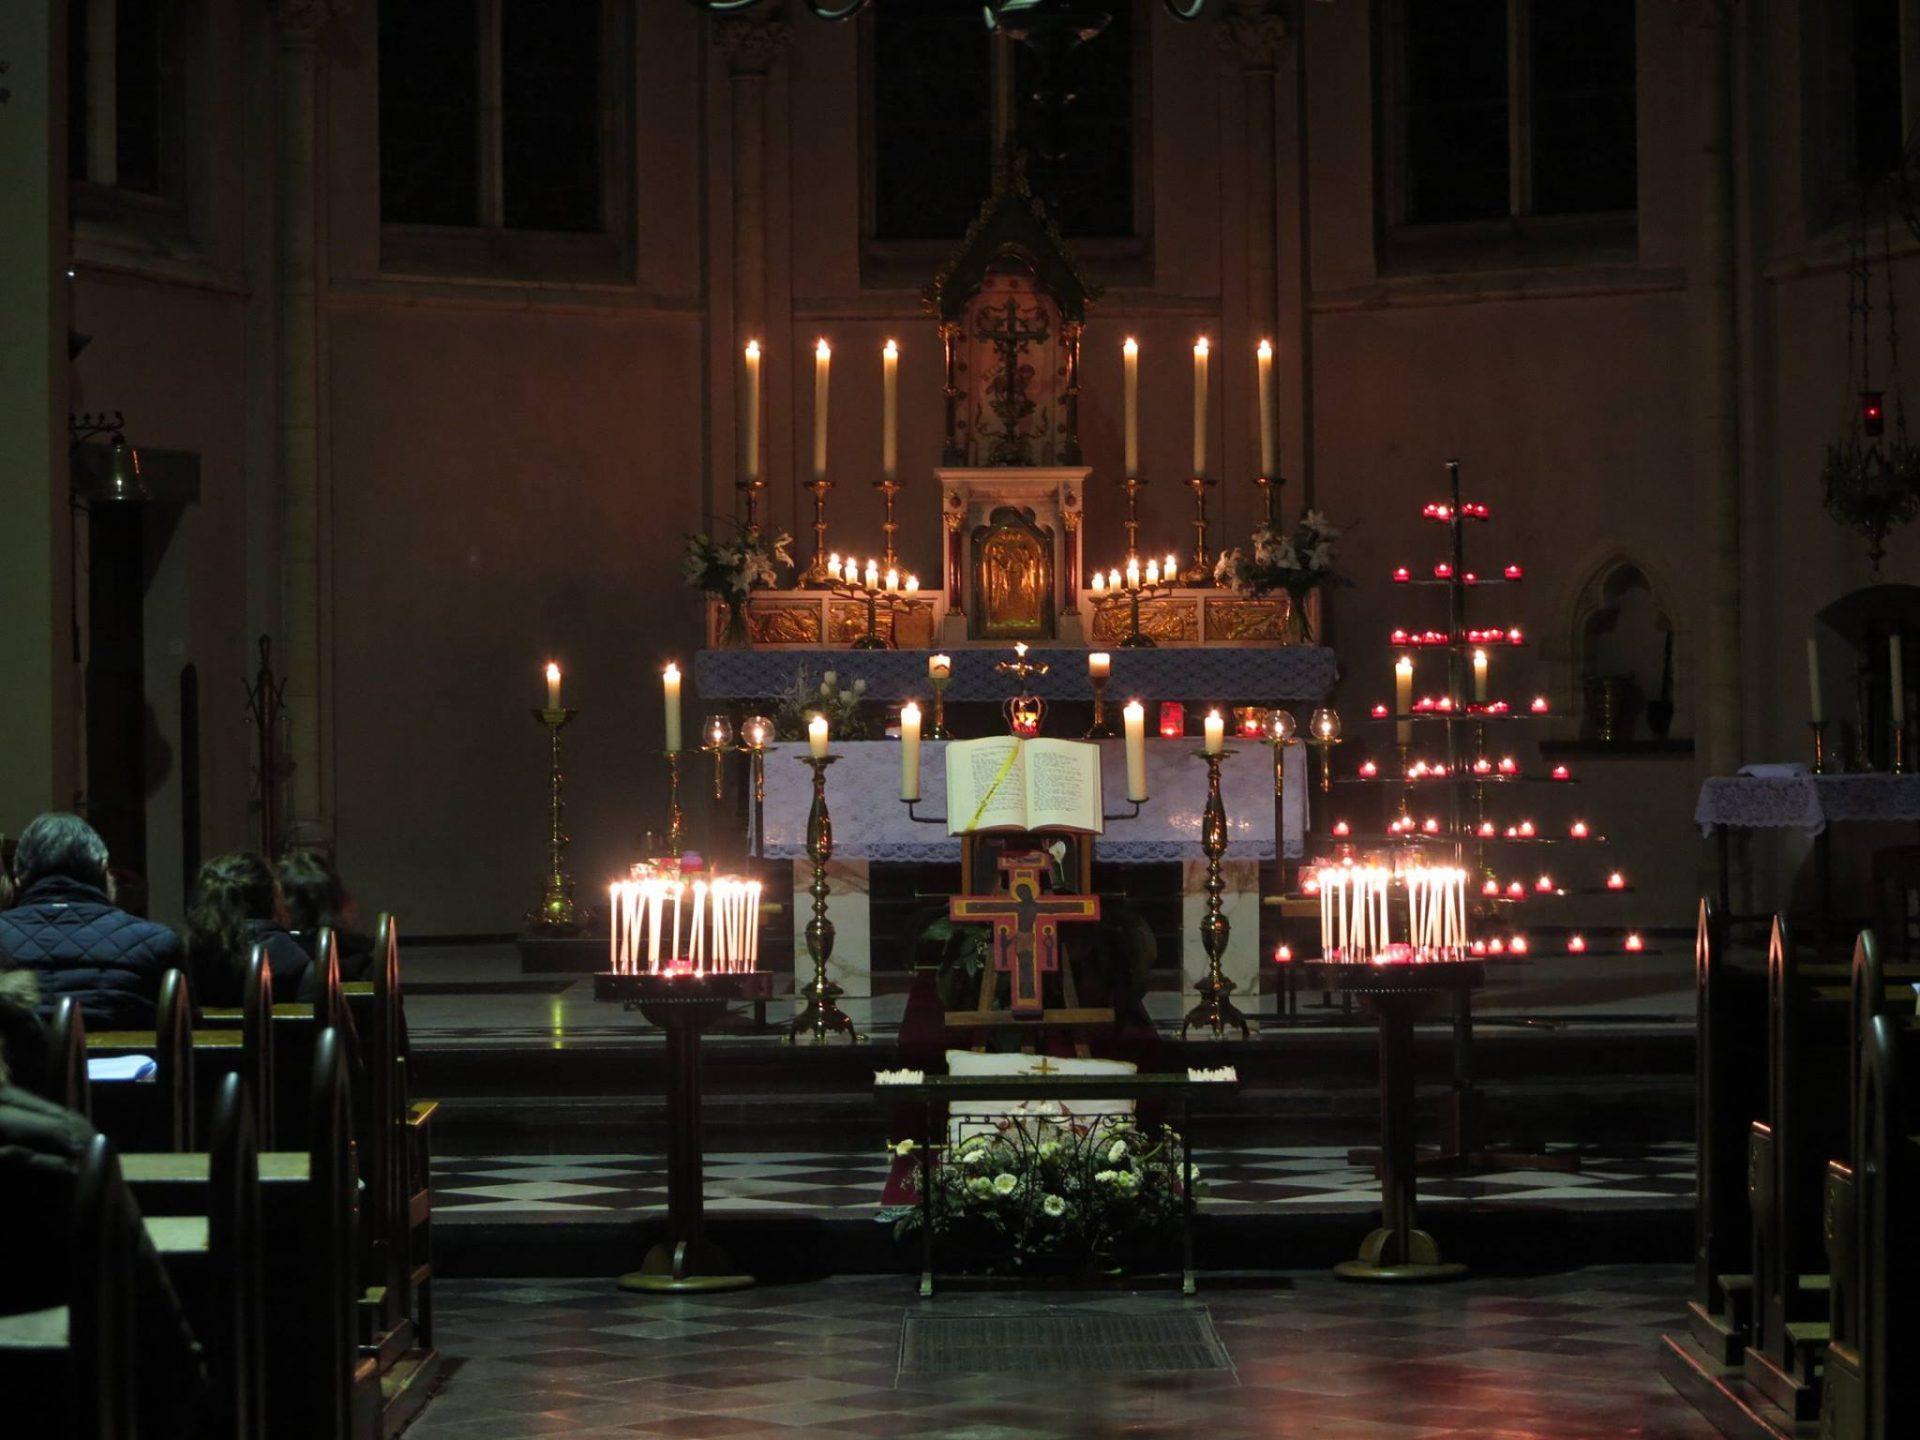 Taizéviering op vrijdag 25 oktober a.s. om 19:00 uur in onze H. Michaël kerk Heugem. Na afloop is er koffie en thee.